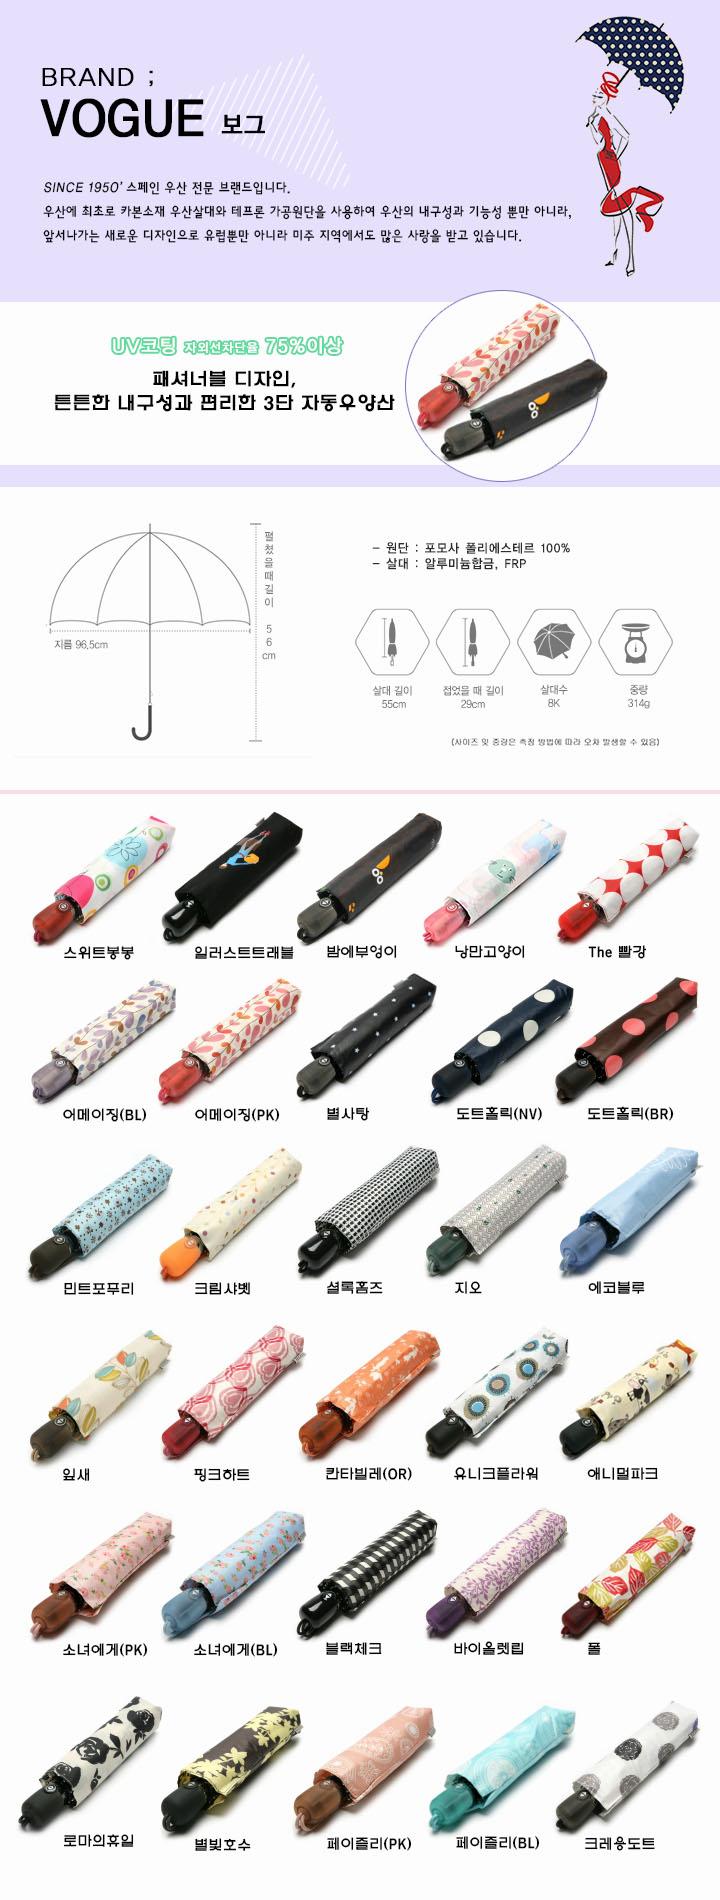 3단 자동 우양산 - 30종 택1 - 보그01, 23,800원, 우산, 자동3단/5단우산